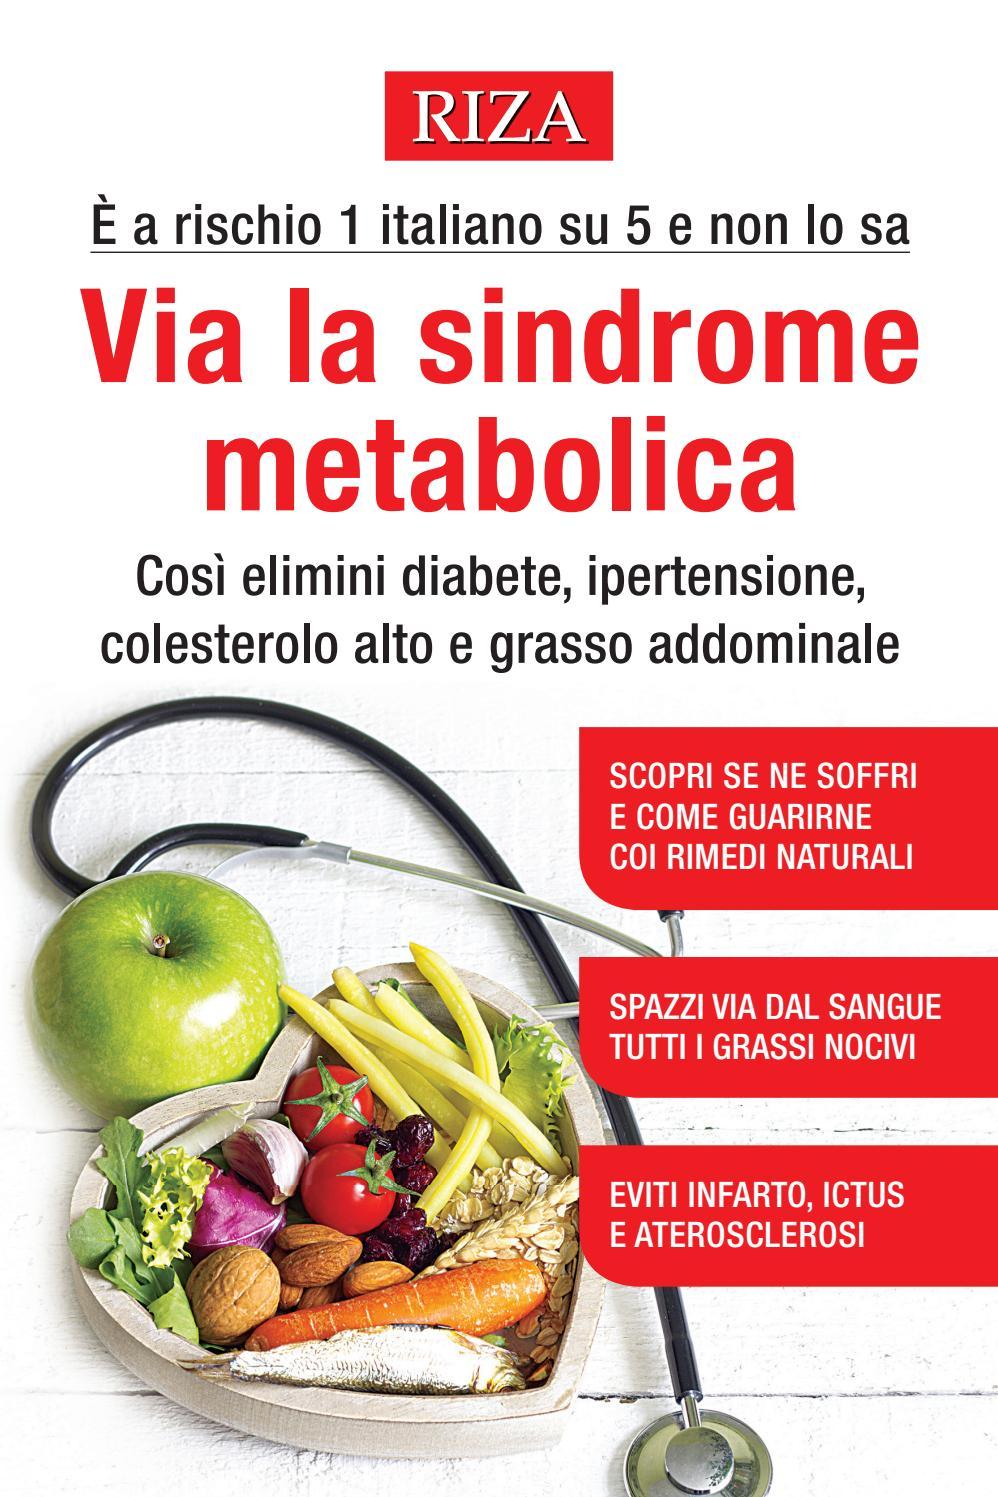 Via la sindrome metabolica by Edizioni Riza - Issuu